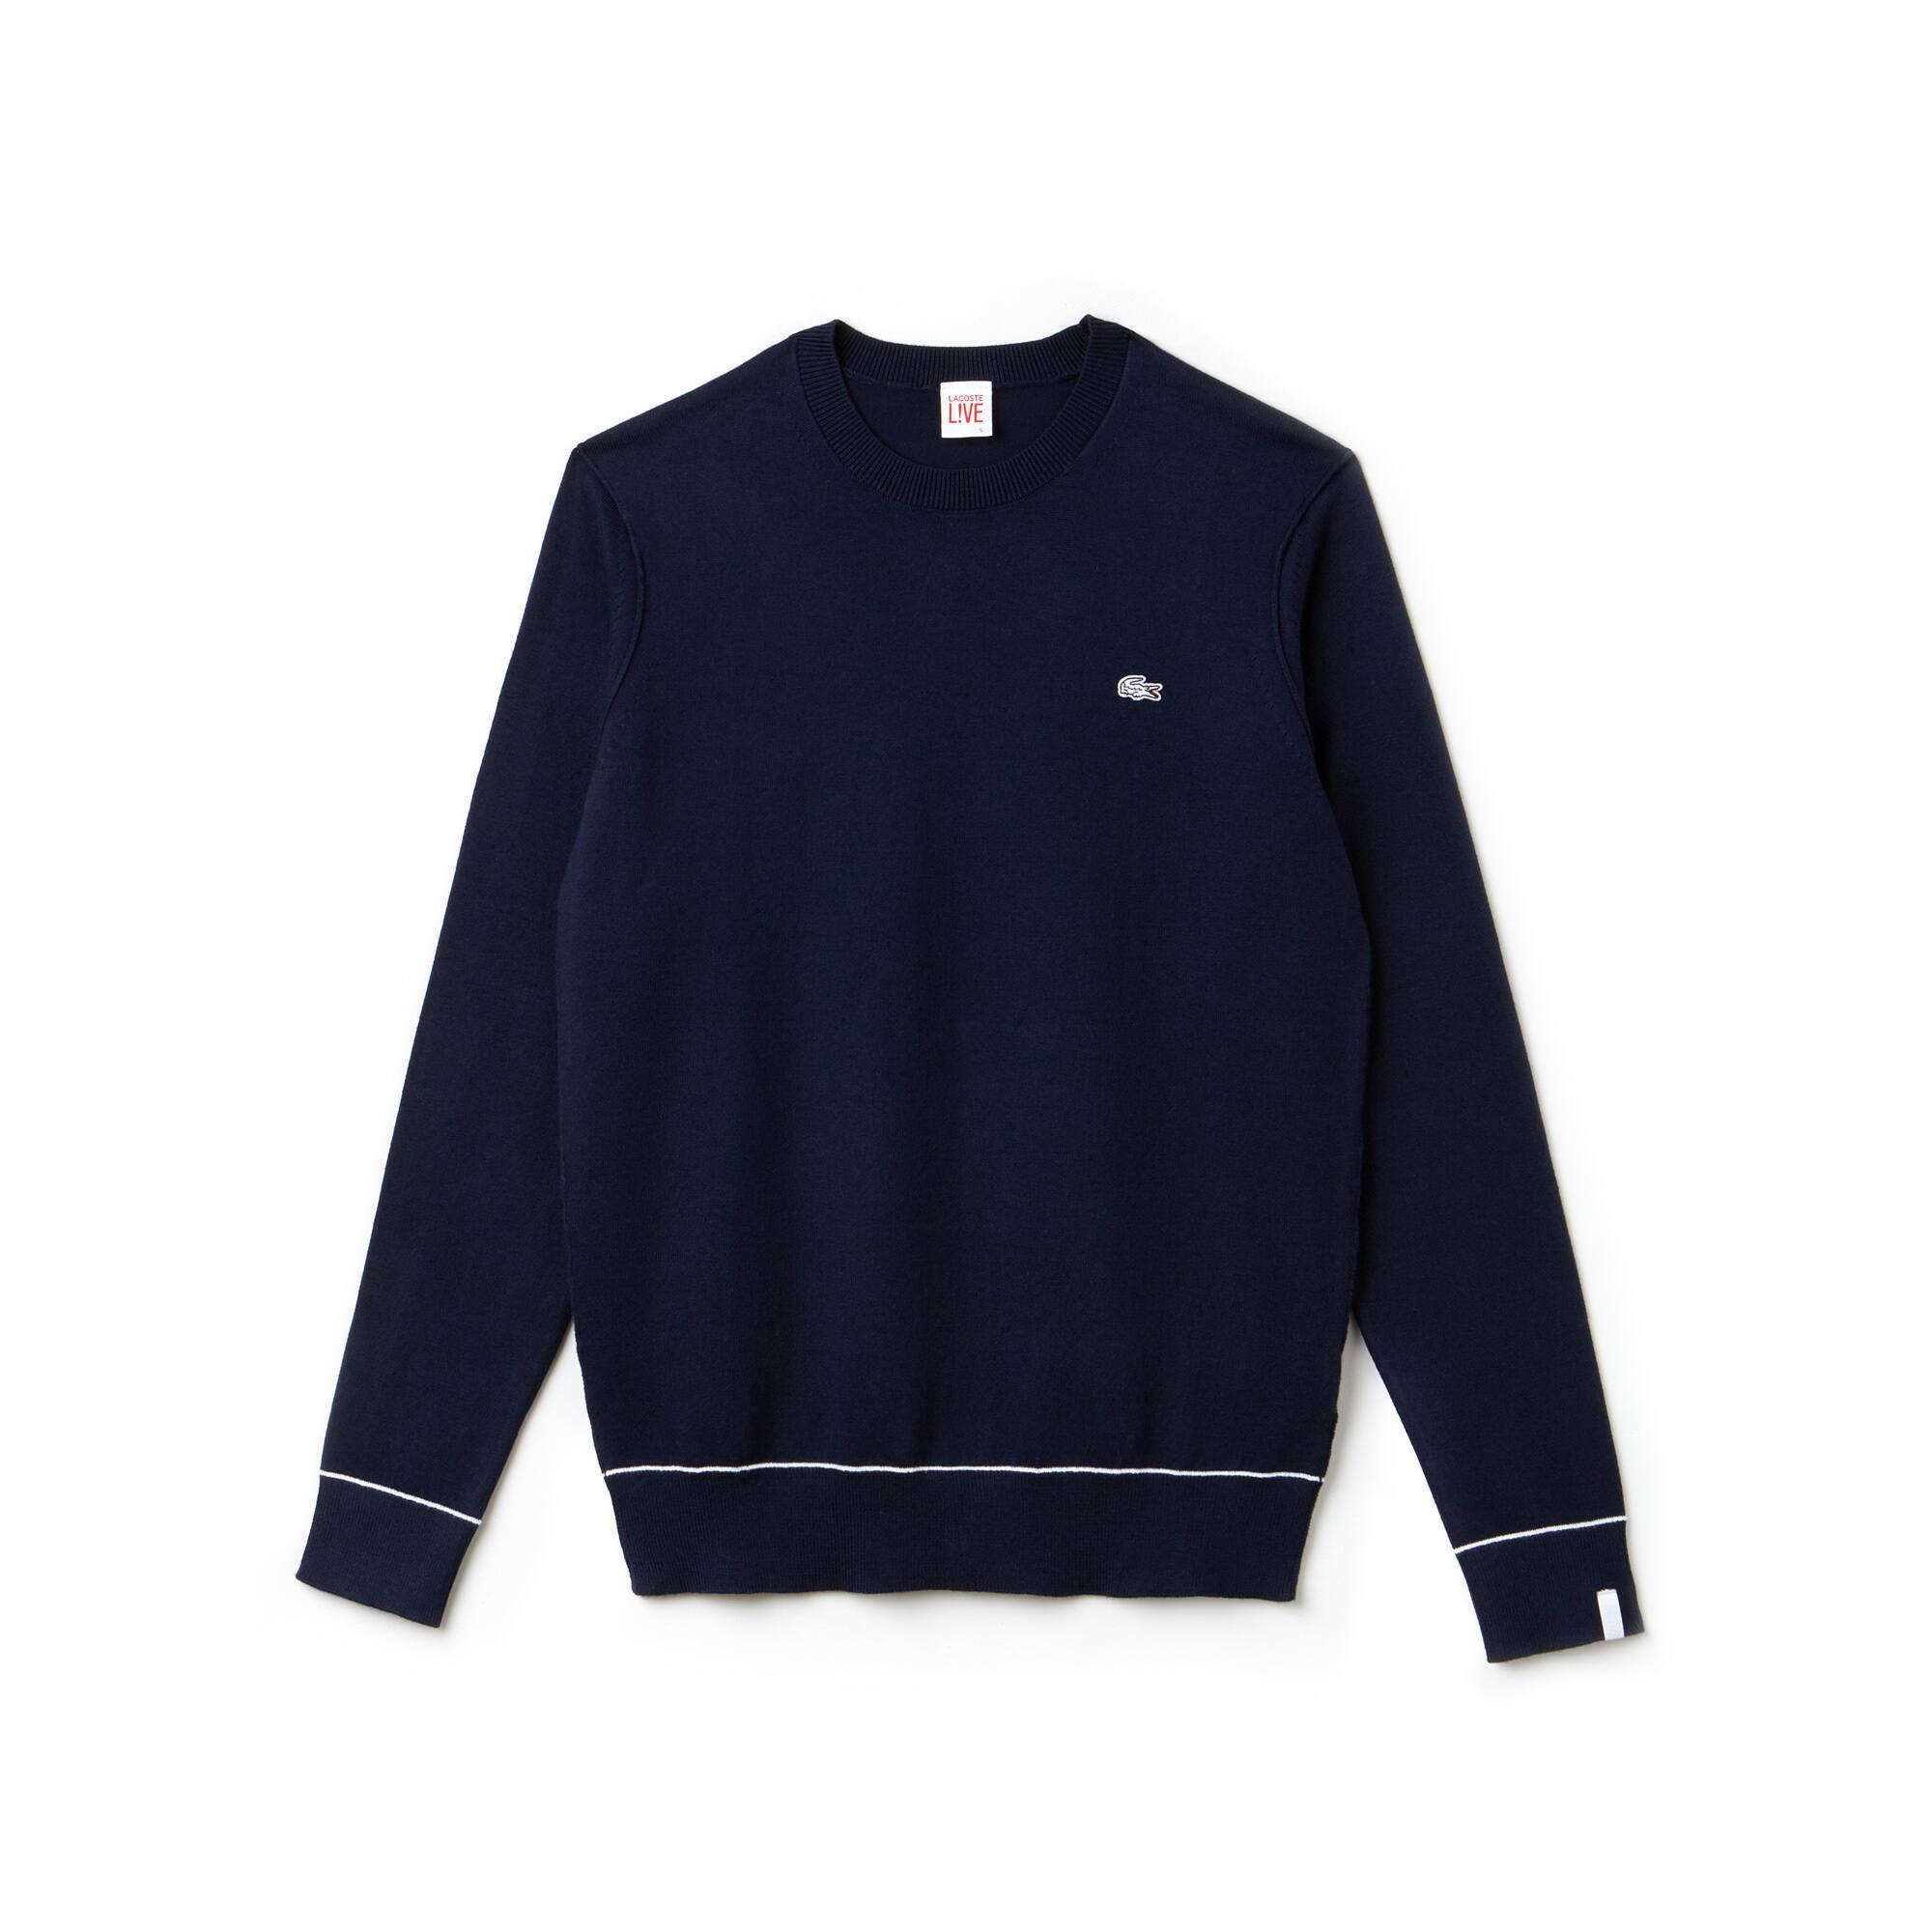 Lacoste LIVE-sweater dames ronde hals katoen en zijdejersey